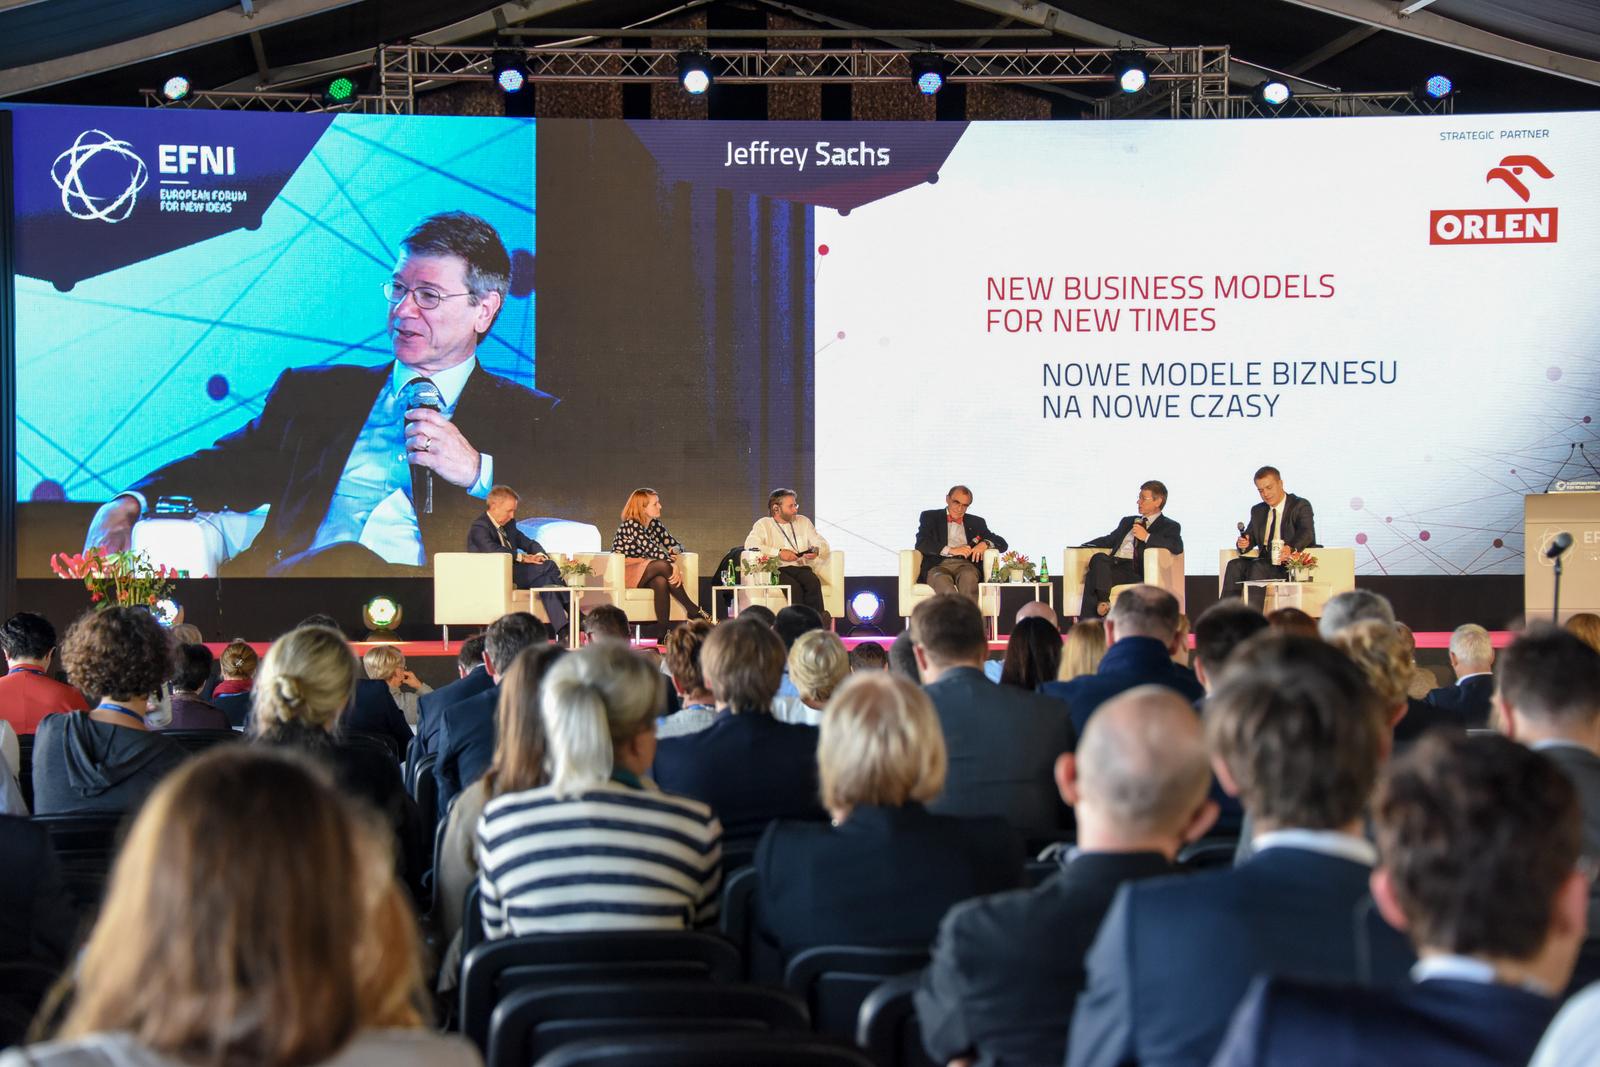 Nowe modele biznesu na nowe czasy